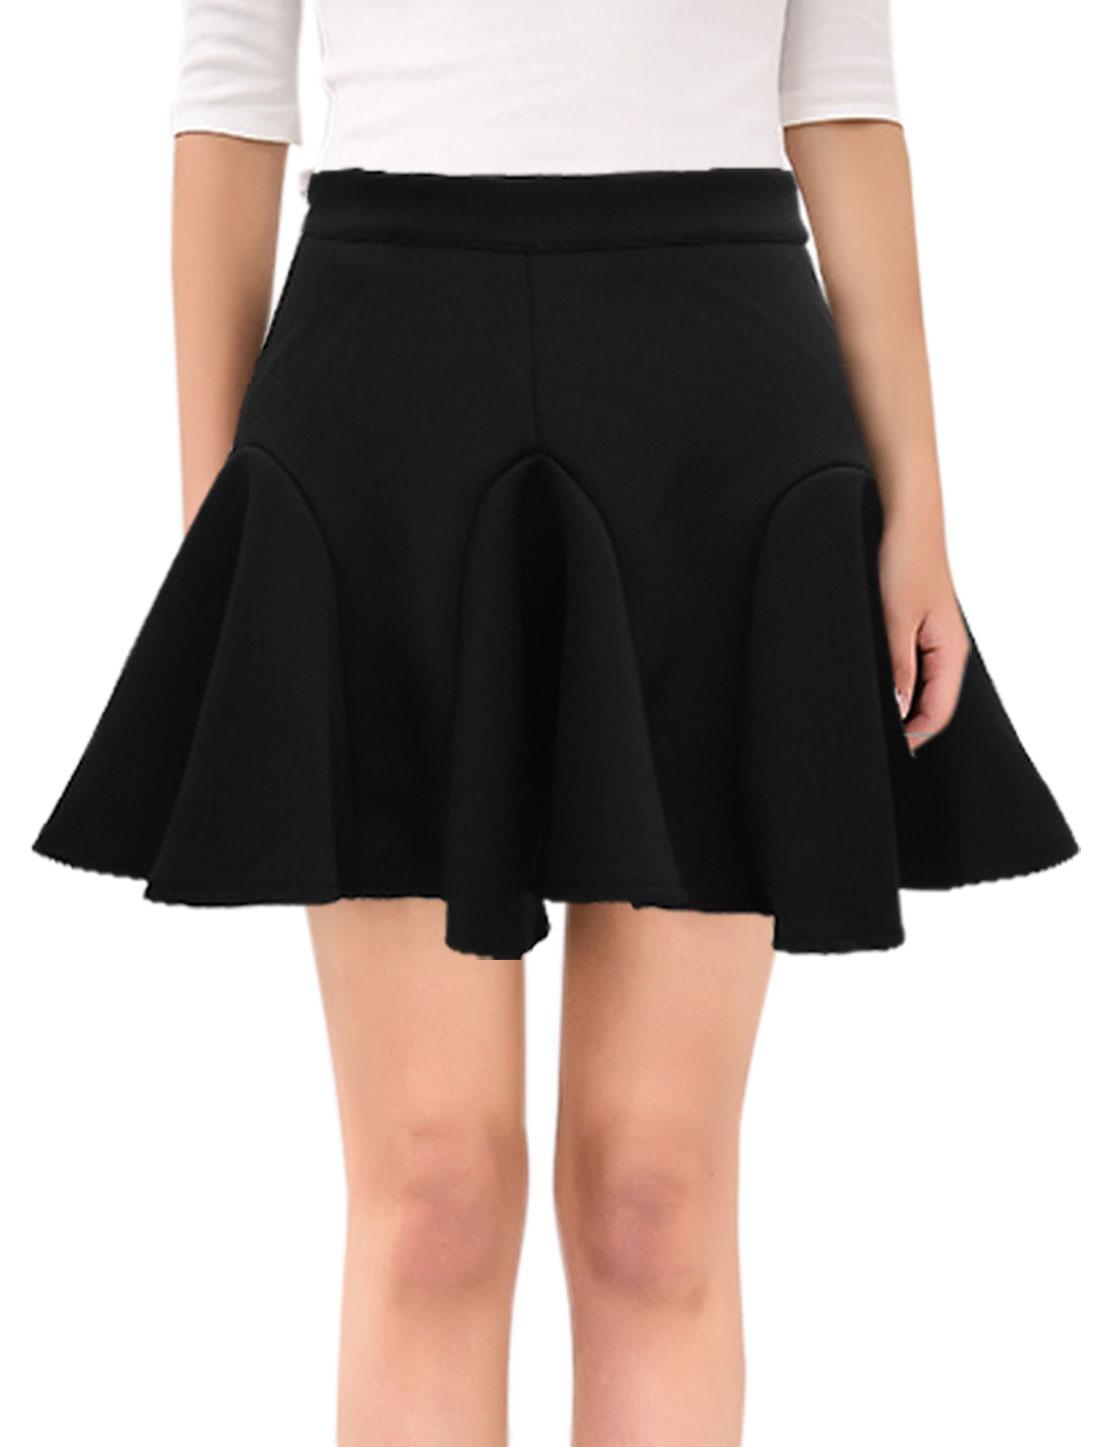 Women High Waist Flounced Hidden Zipper A Line Skirt Black S